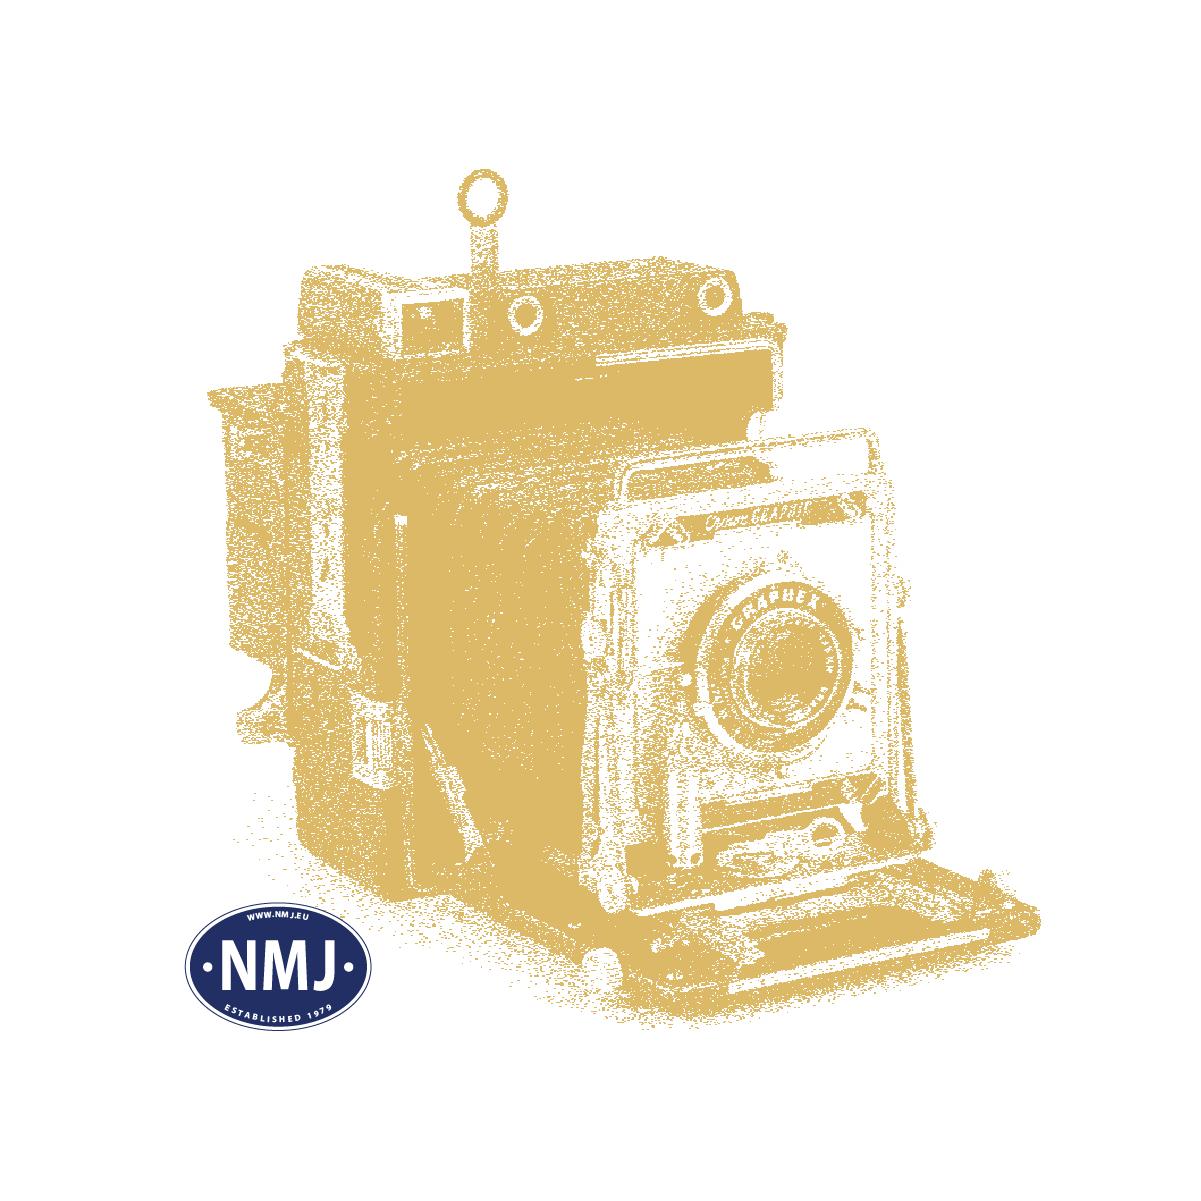 NMJT9924 - Plogskjær, bremseslager, 1000 V for El11